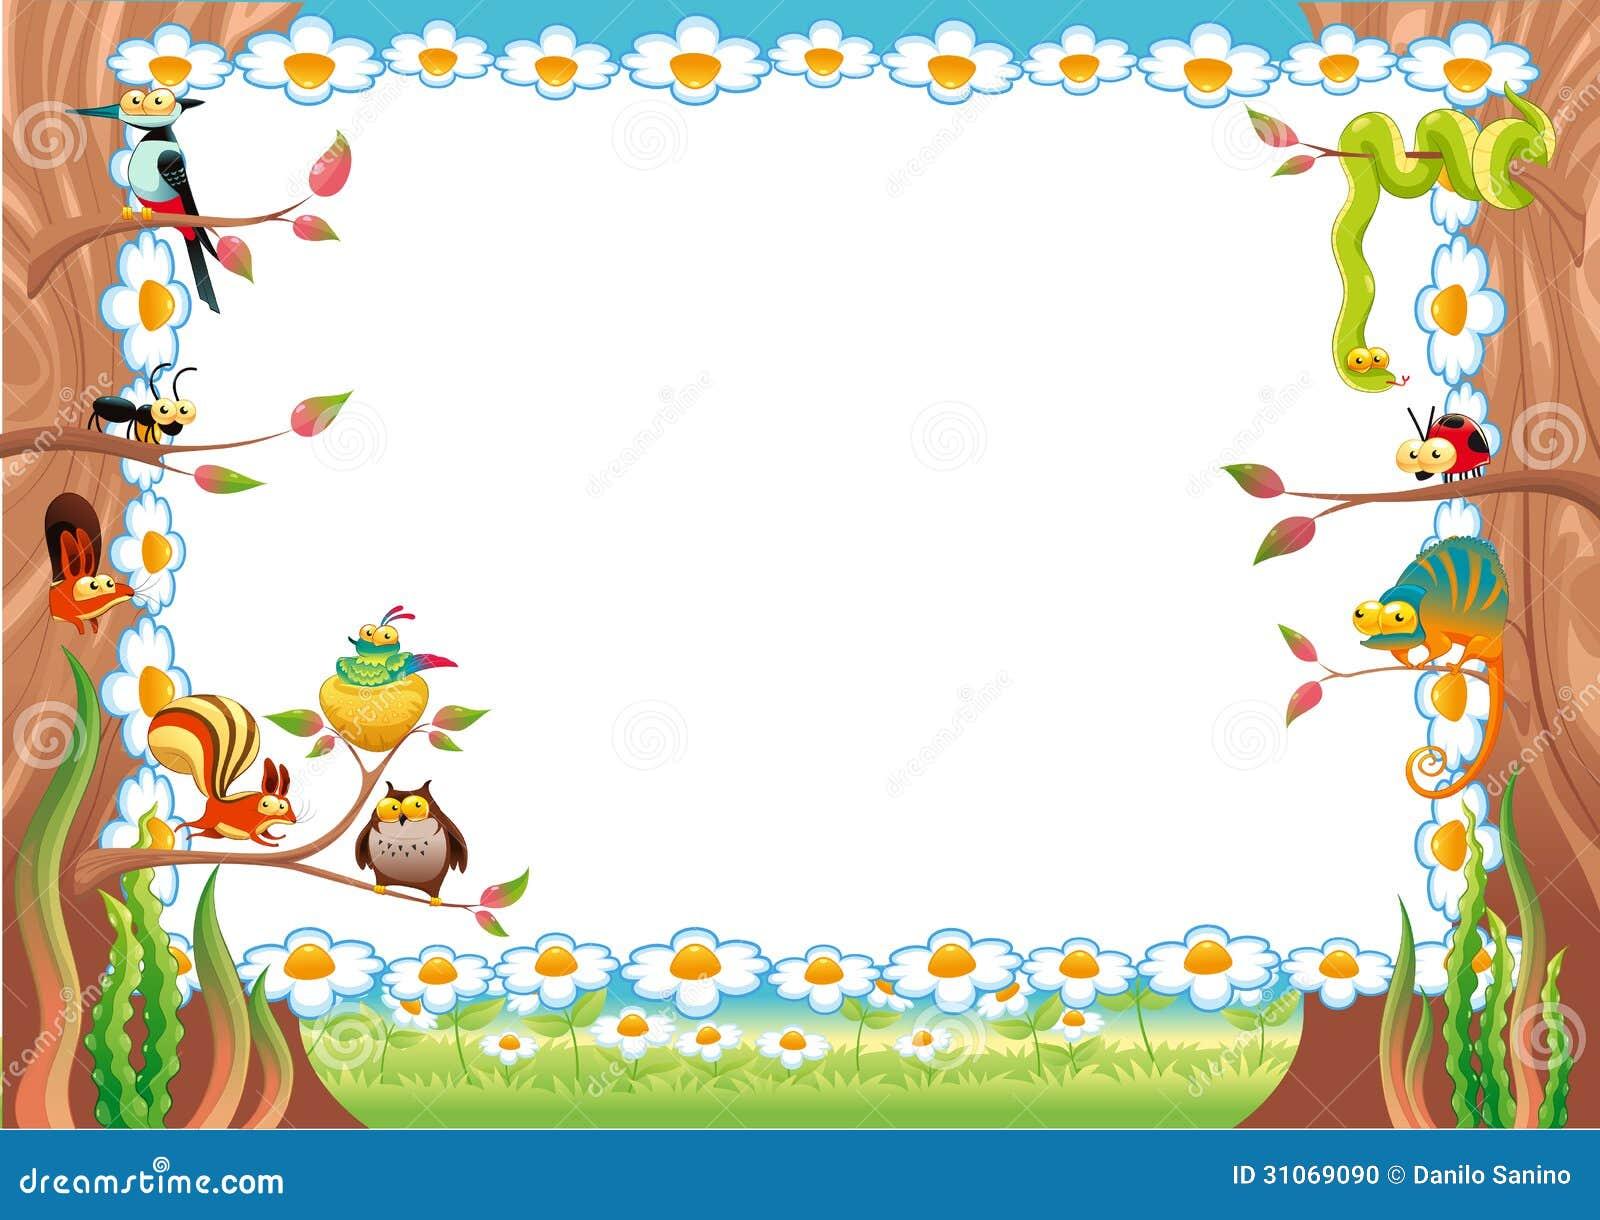 ppt 背景 背景图片 边框 模板 设计 相框 1300_1008图片